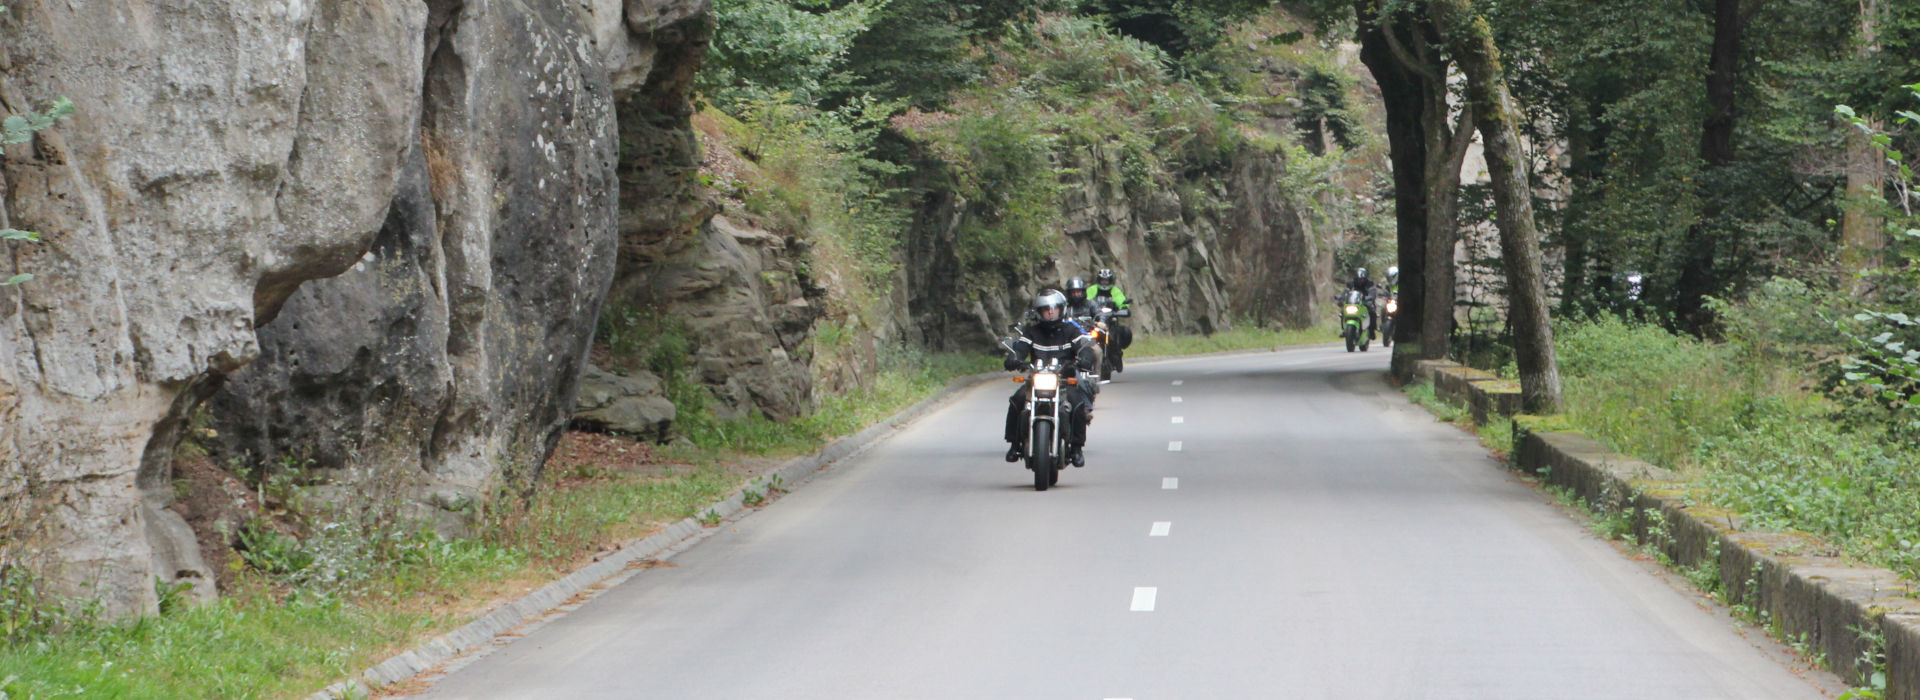 Motorrijbewijspoint Hulsberg snel motorrijbewijs halen